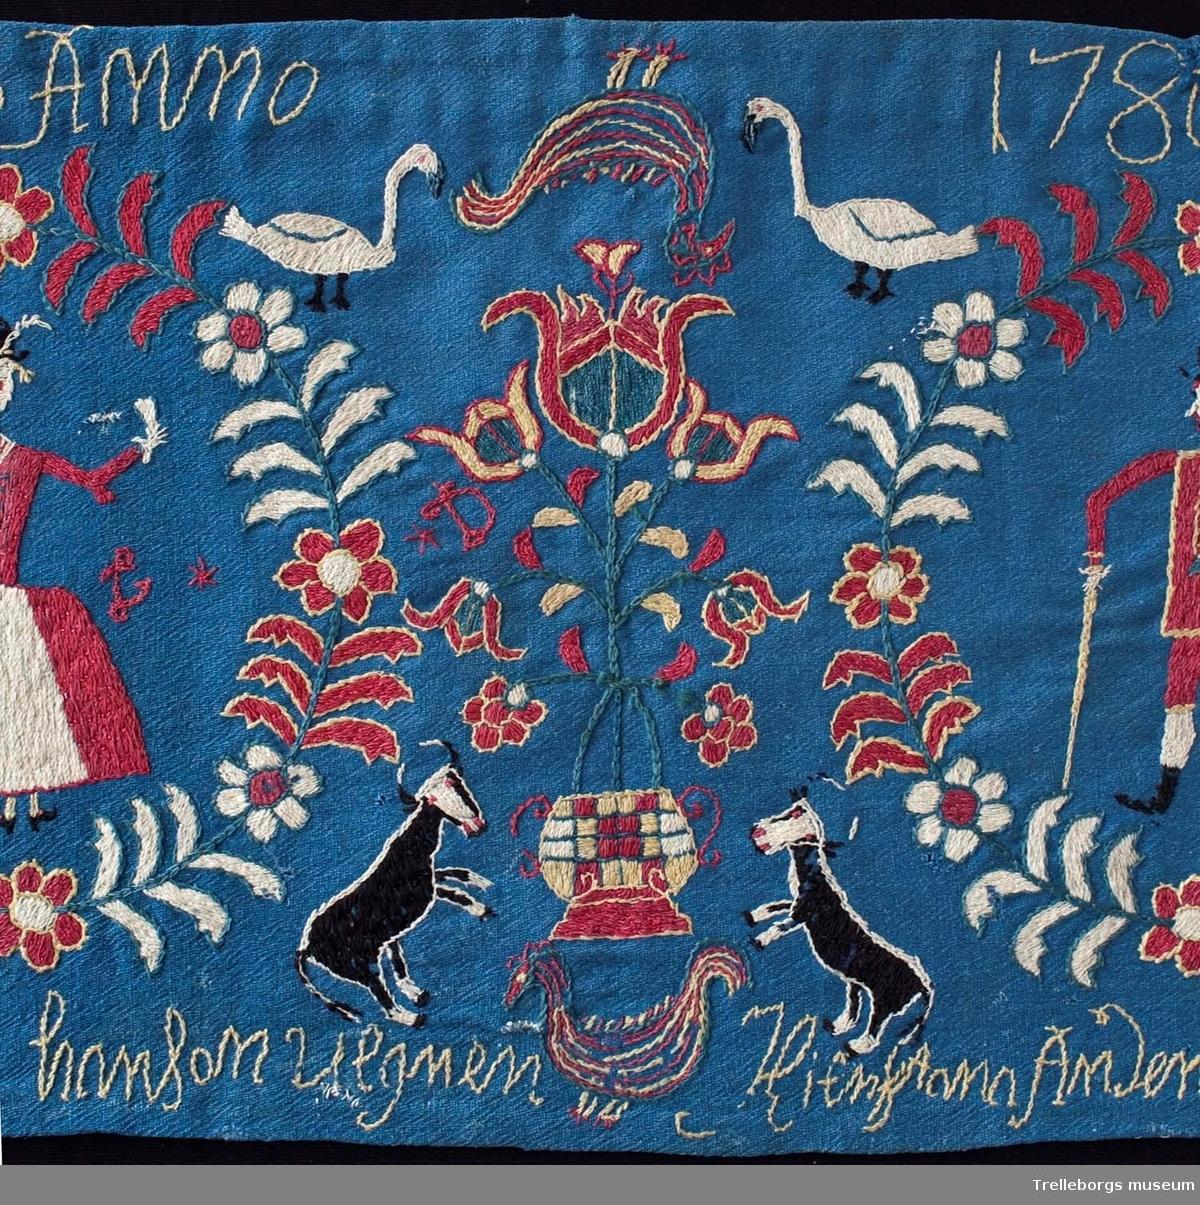 På en mellanblå botten är två kransar broderade, i den ena kransen står en kvinna och i den andra en man. I dynans hörn är blommor broderade, samma blomma kommer igen i dynans mitt tillsammans med en tupp, två gäss och två kor. Broderiets färger är rött, vitt, gult, grönt och svart. Dynan är märkt Anno 1780 Nils Hansson Ulgren Kierstin Andersdotter.